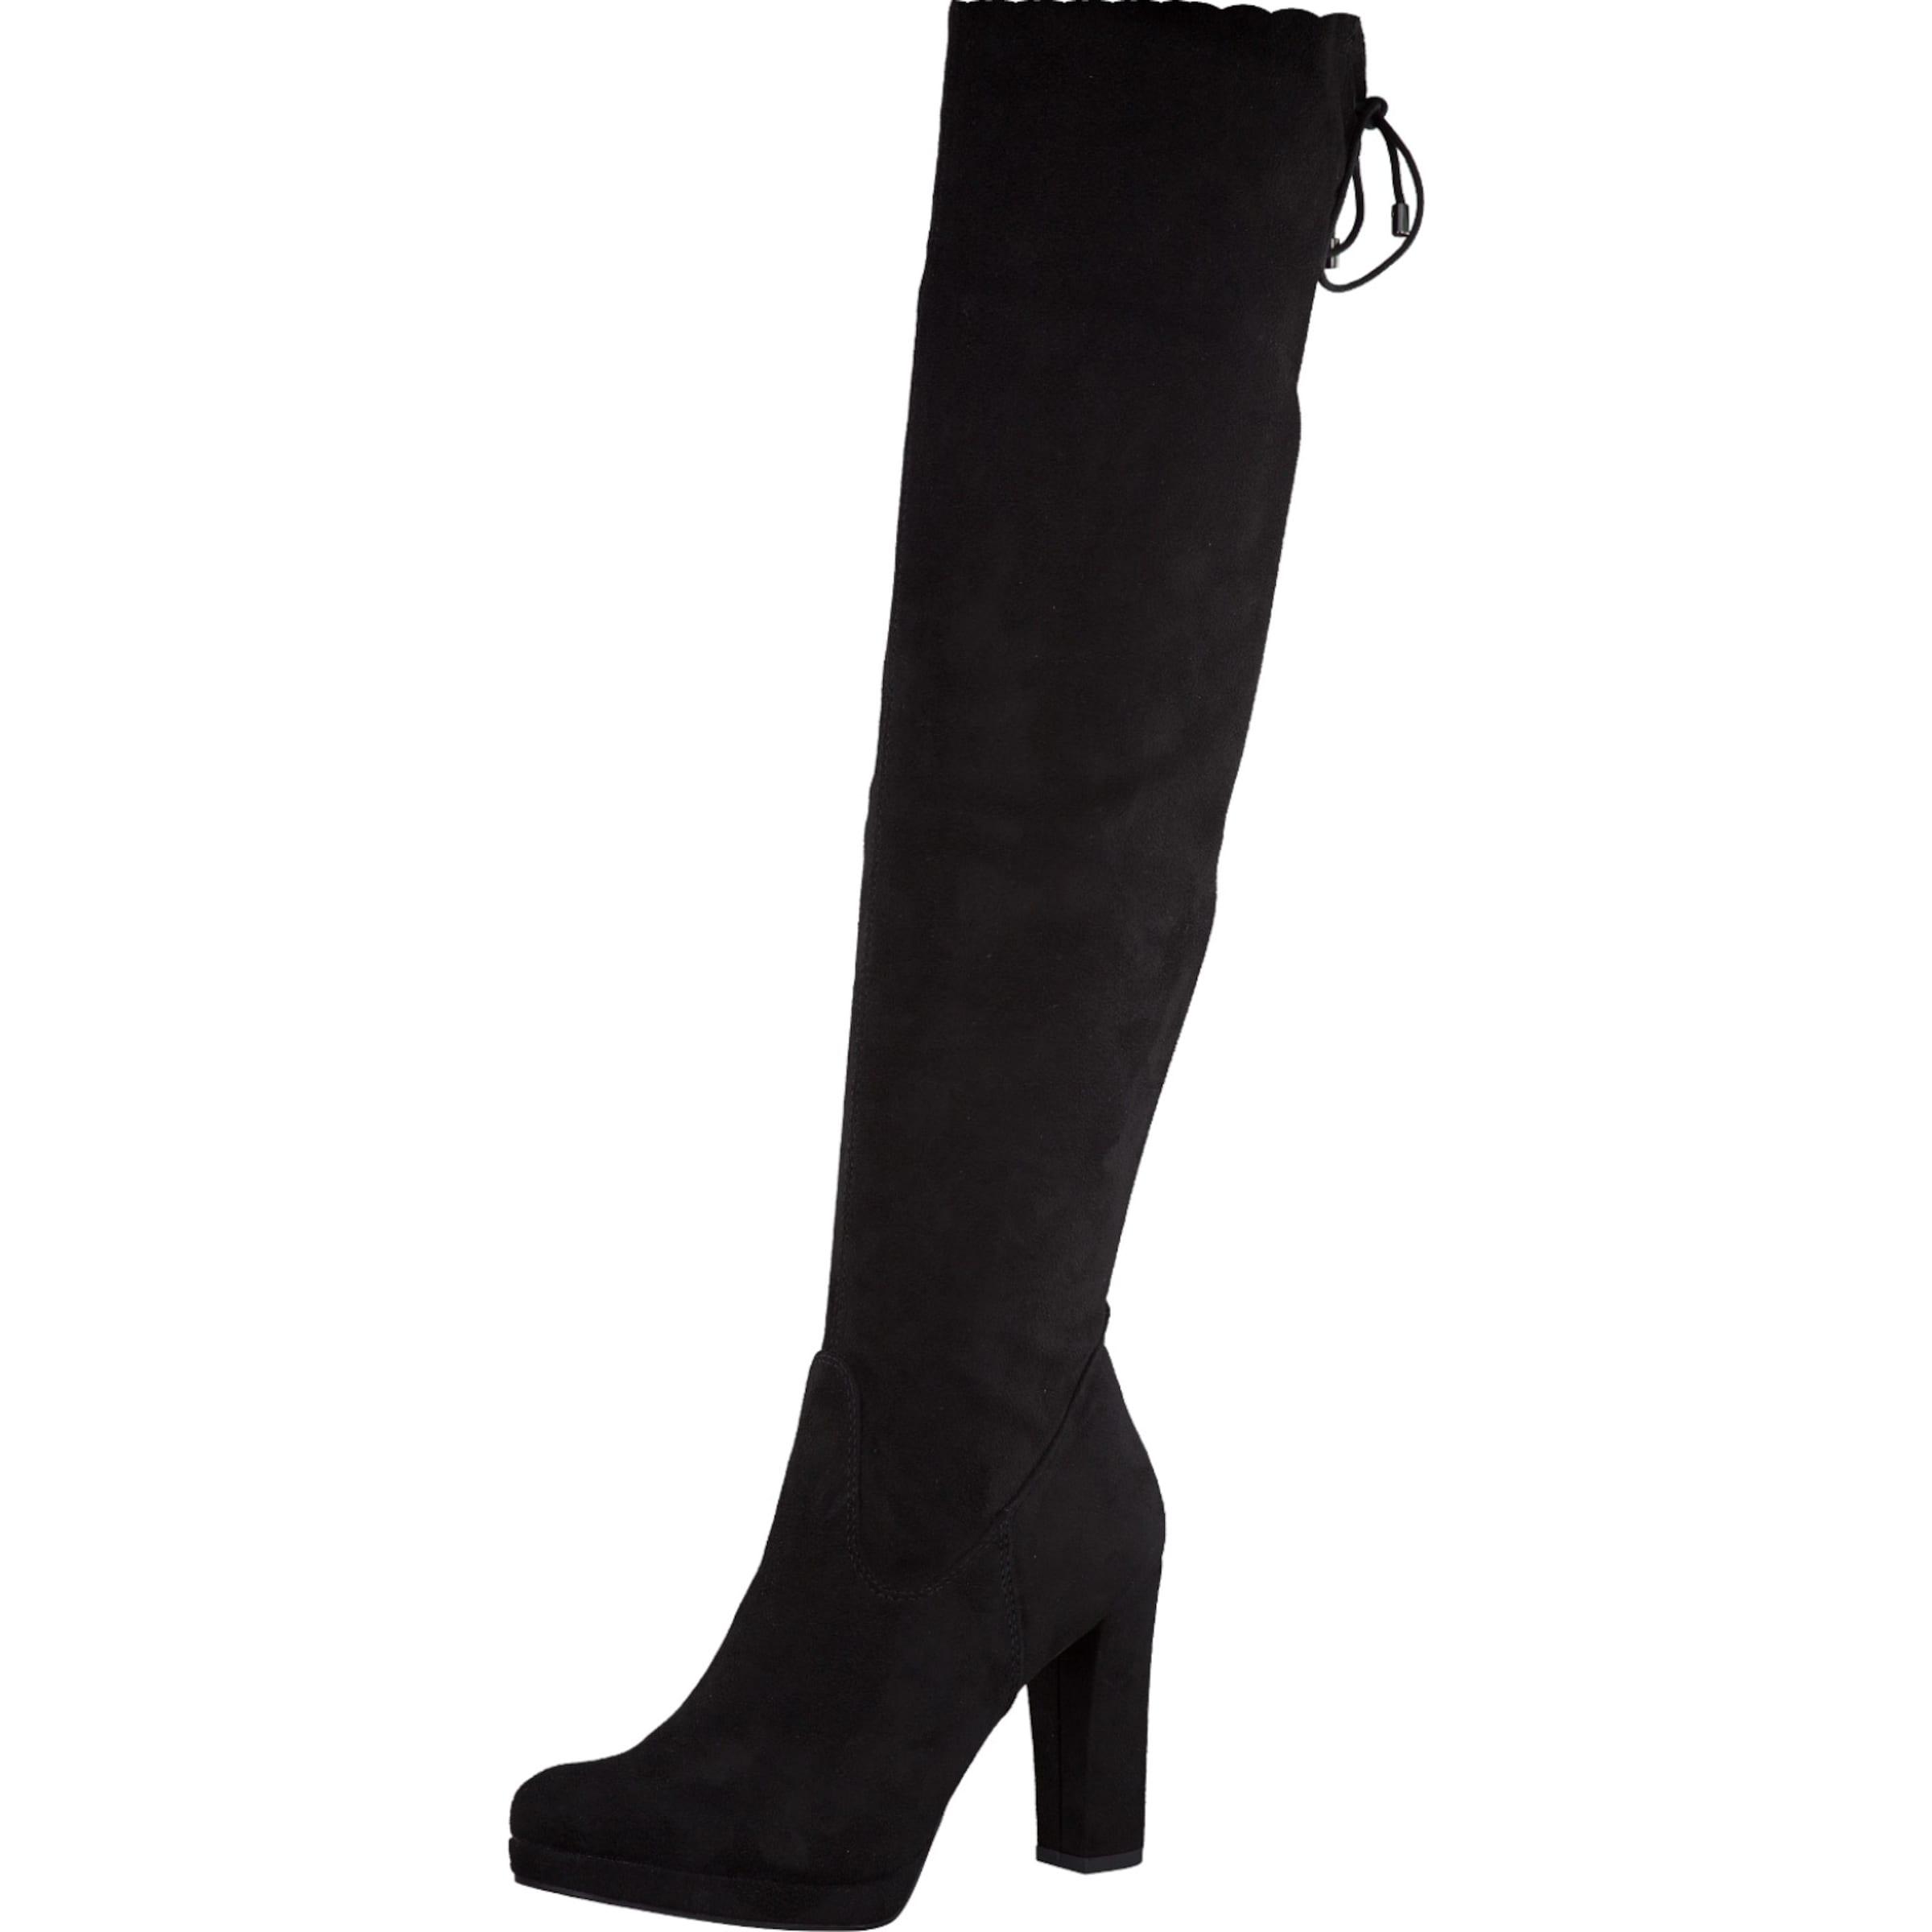 TAMARIS Overknee Stiefel Verschleißfeste billige Schuhe